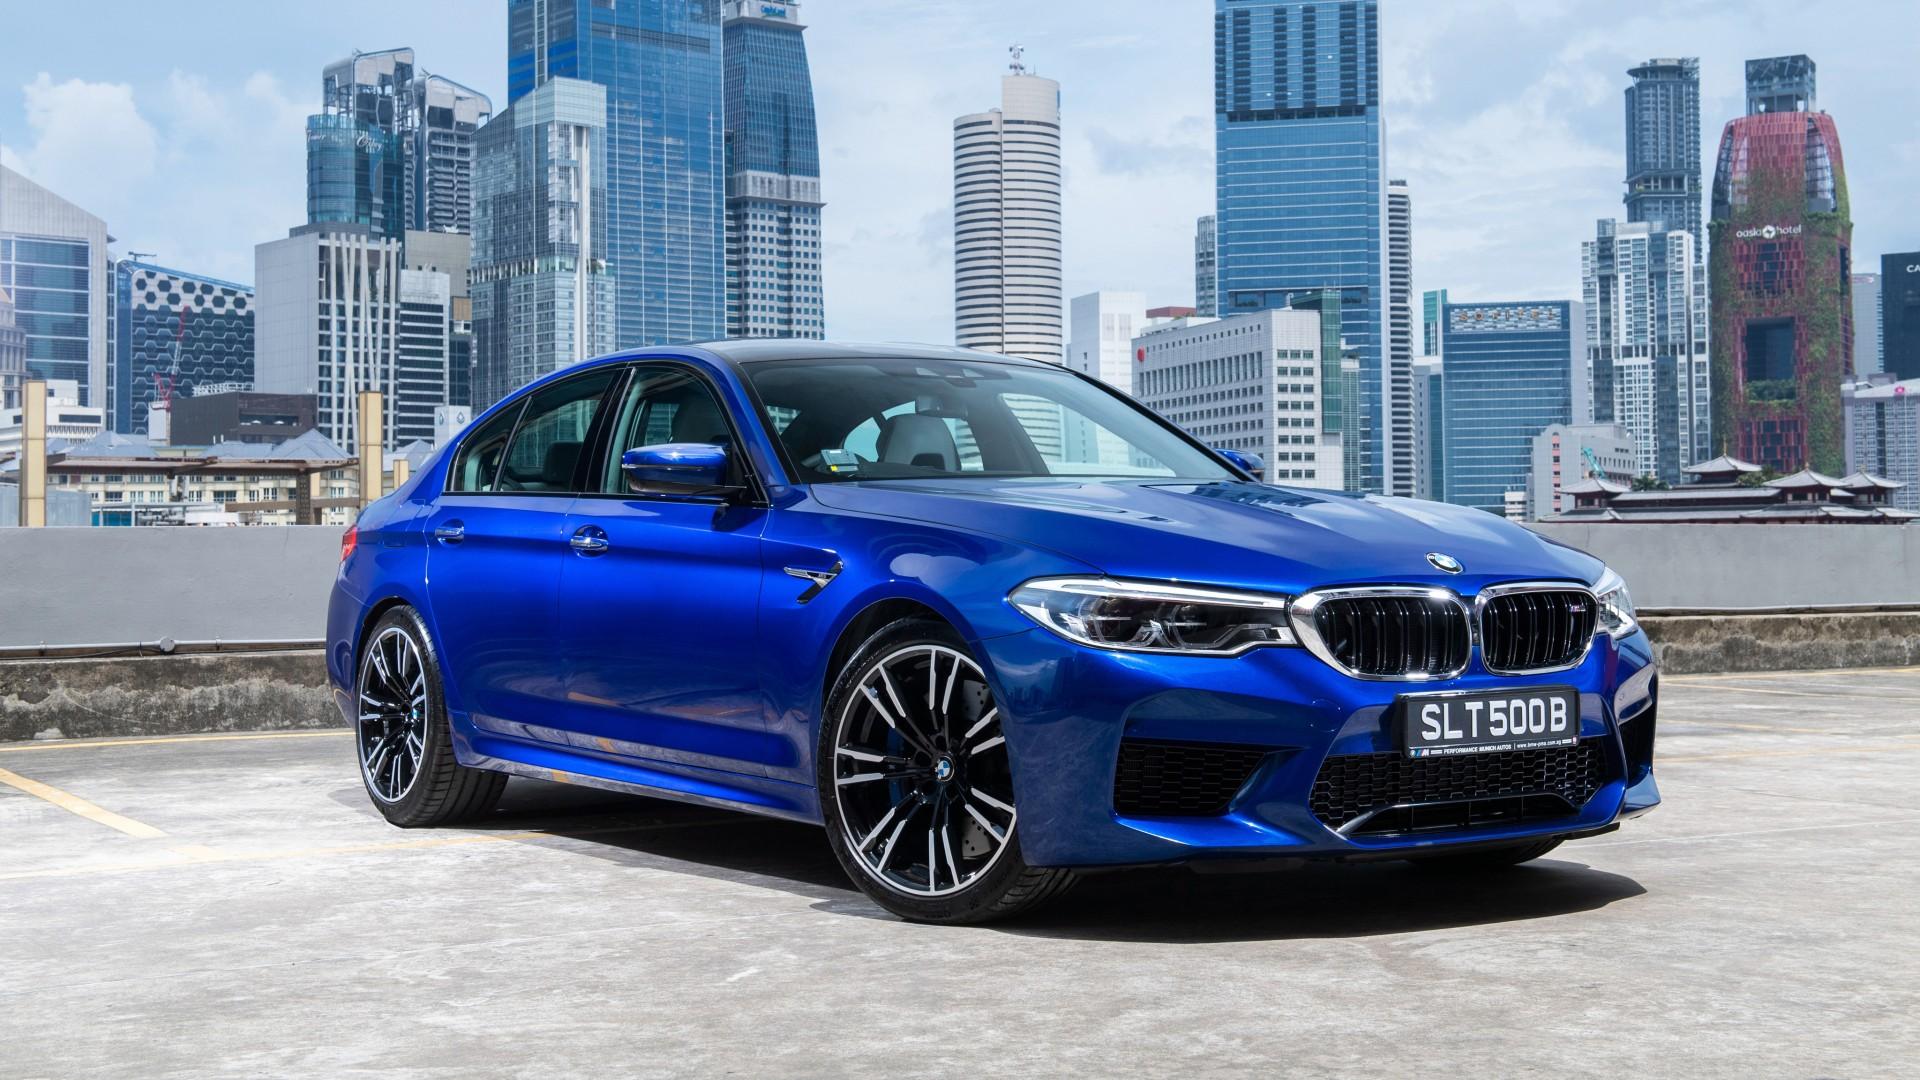 2018 BMW M5 4K Wallpaper   HD Car Wallpapers   ID #10626